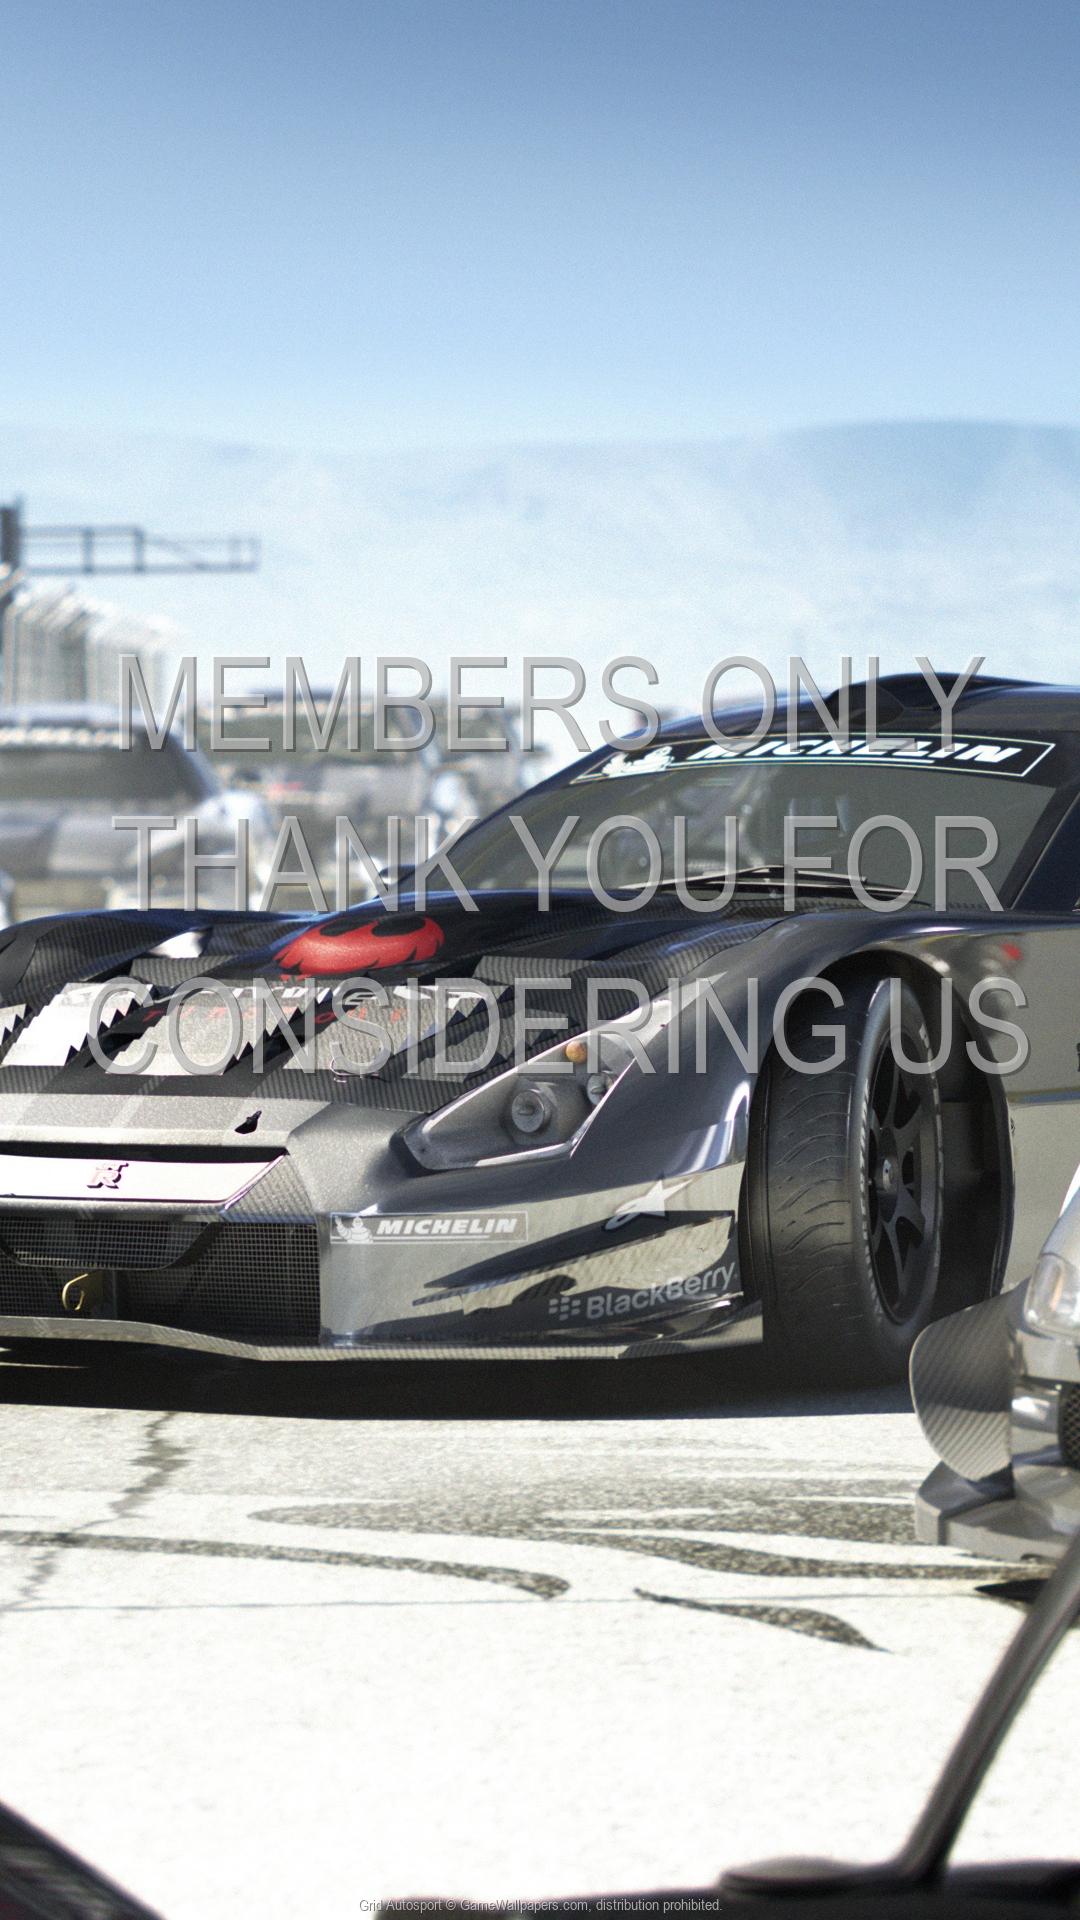 Grid Autosport 1920x1080 Móvil fondo de escritorio 03